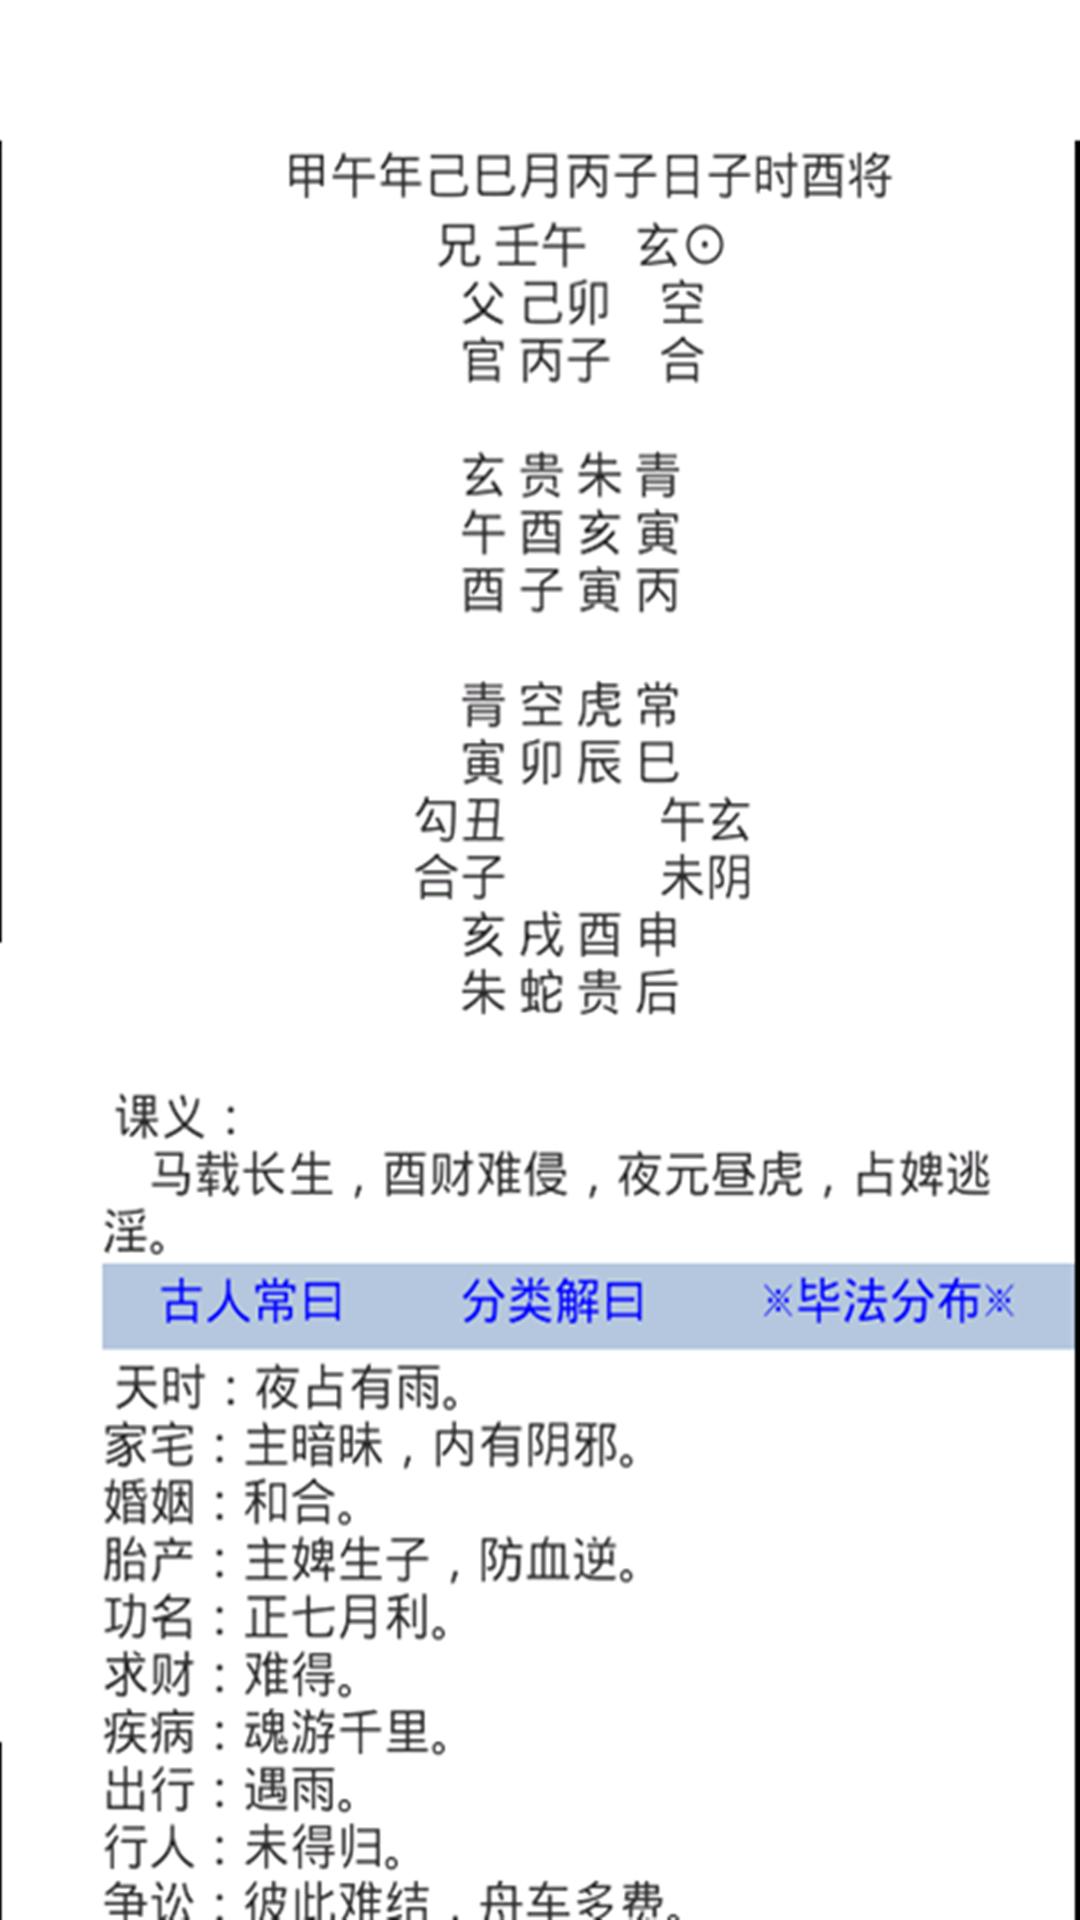 大六壬缘起于河图、洛书,河图讲一六共宗,一六方位在北为水,水为万化之源,所以尊之为宗,六壬应该早于太乙、奇门,是三式之首。六壬术数,大致可分为四种:大六壬;中六壬;小六壬;六壬金口诀。六壬者:壬子,壬寅,壬辰,壬午,壬申,壬戌。本程序重在简化初学者在排盘上的繁琐。起课是以阴历为主,并能够随意选择阴历时间,方便大家在学习前人的经验时,更能够快速的找到相应的课体。每一课所在《毕法赋》的位置包含在解释当中,让大家在学习《毕法赋》时能够起到举一反三的目的。 【更新内容】 阴历排盘 大六壬1.